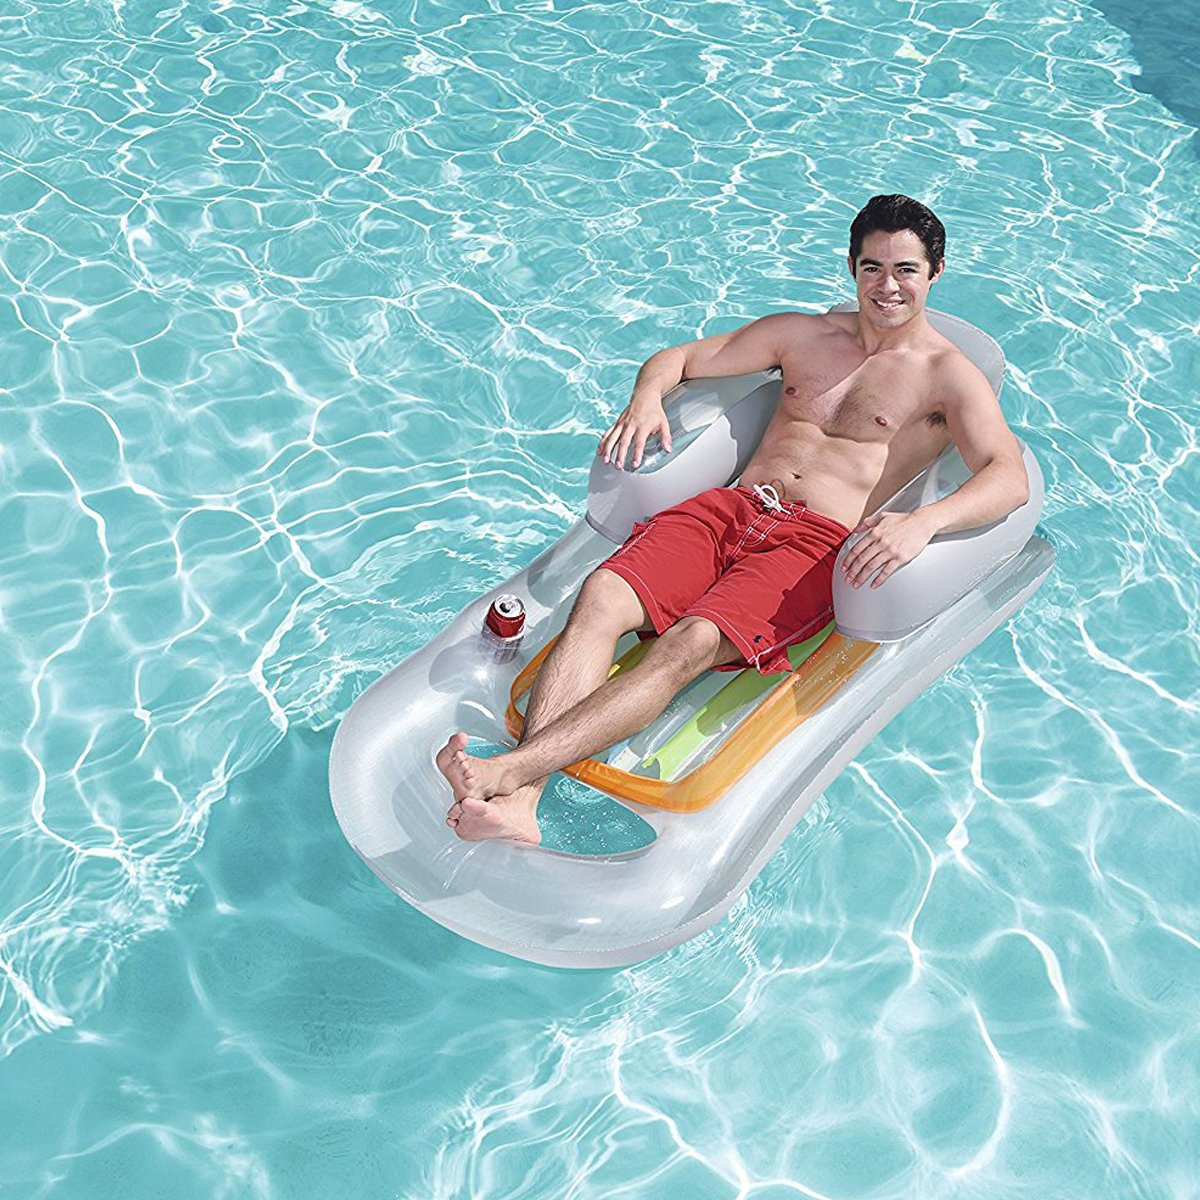 Asiento Hinchable Gris para Piscina y Playa Sillon con Soporte para Bebida Asiento para Piscina 161 x 84cm Dabuty Online S.L